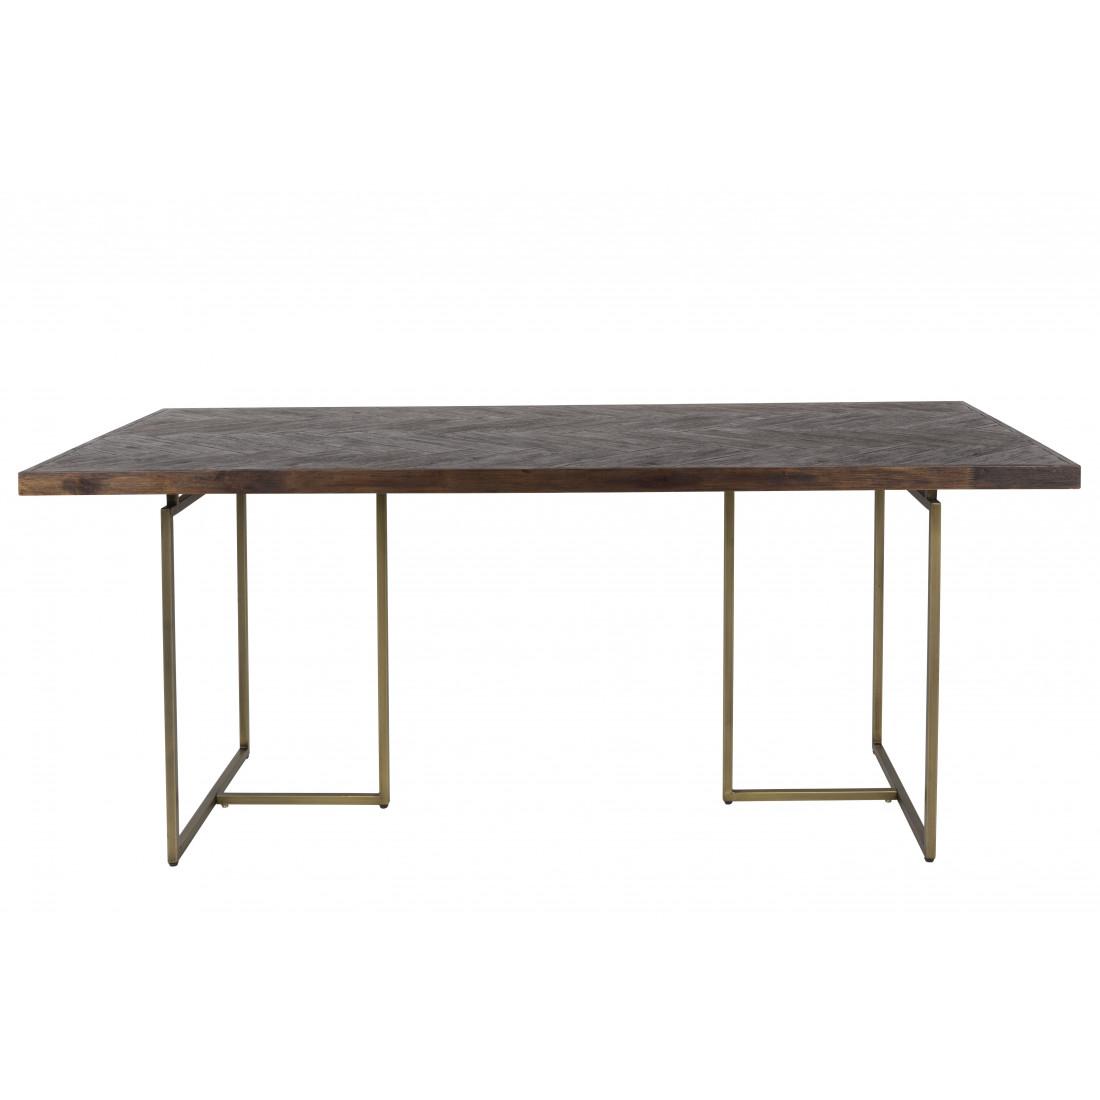 Table Class 240x110 - Dutchbone